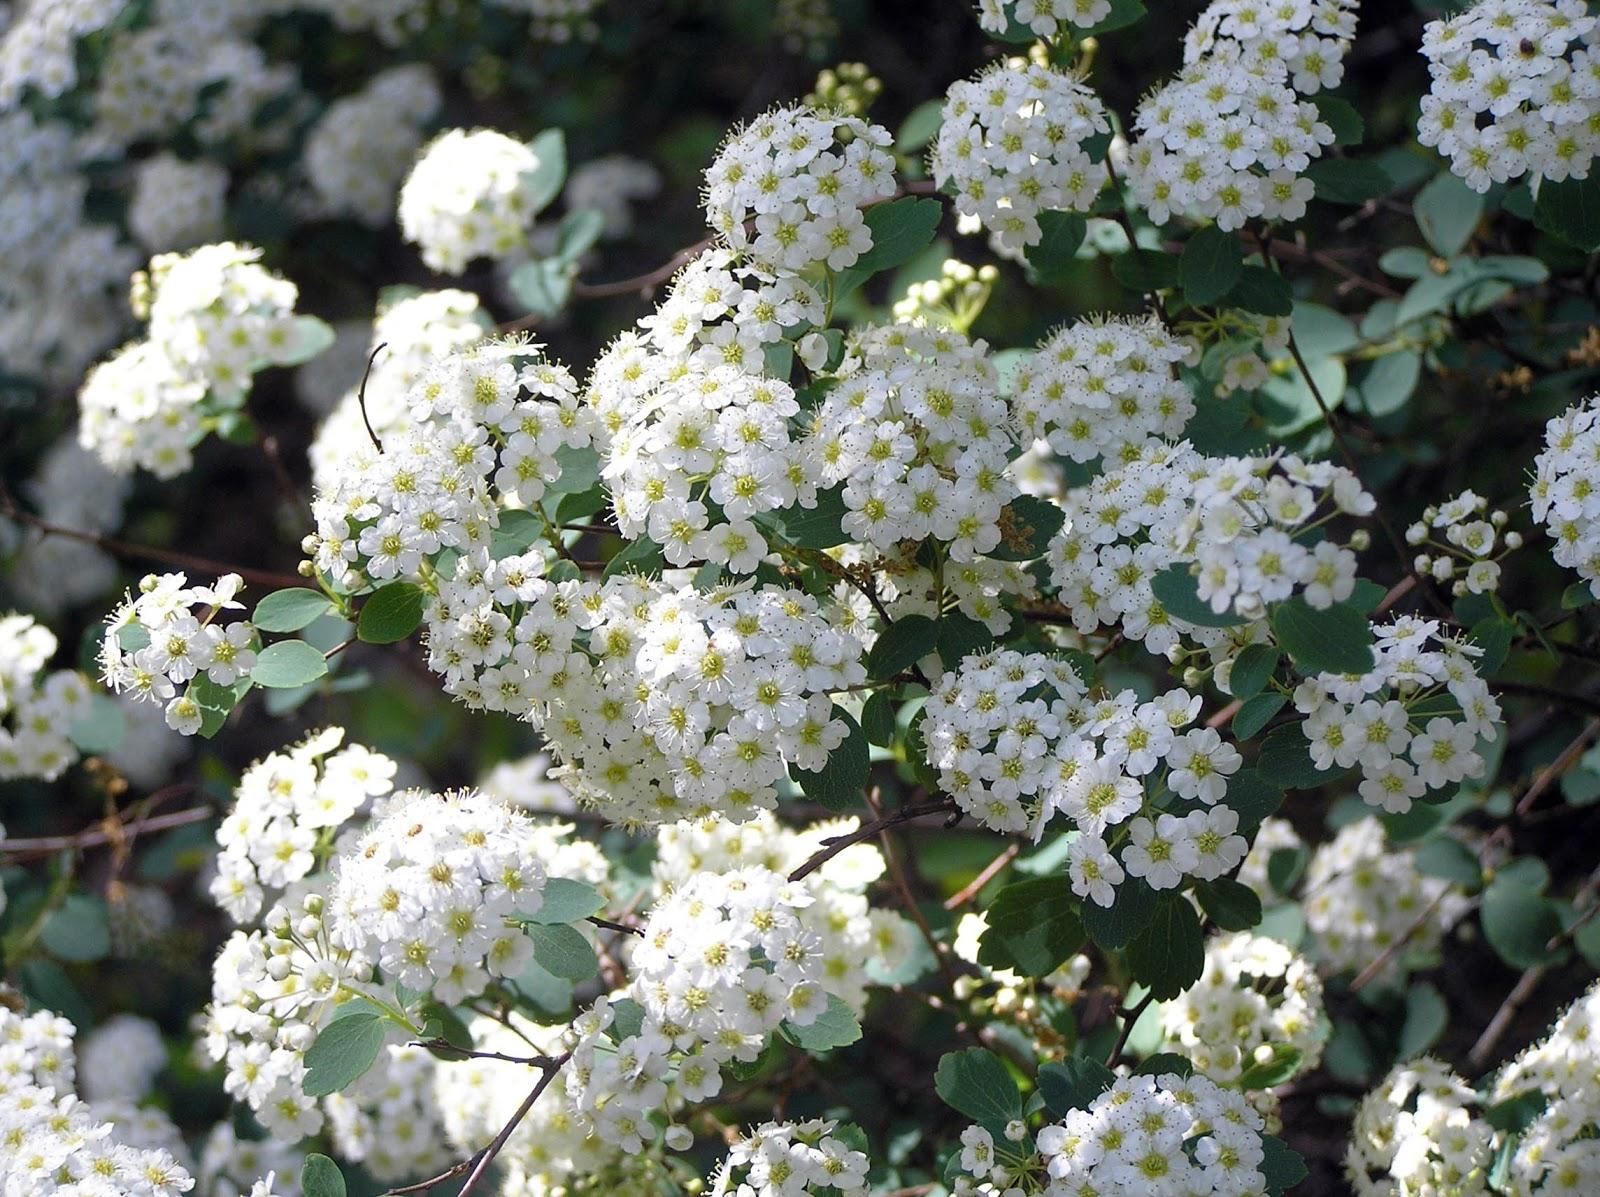 Spirea x vanhouttei flowers close klr 04052007 33